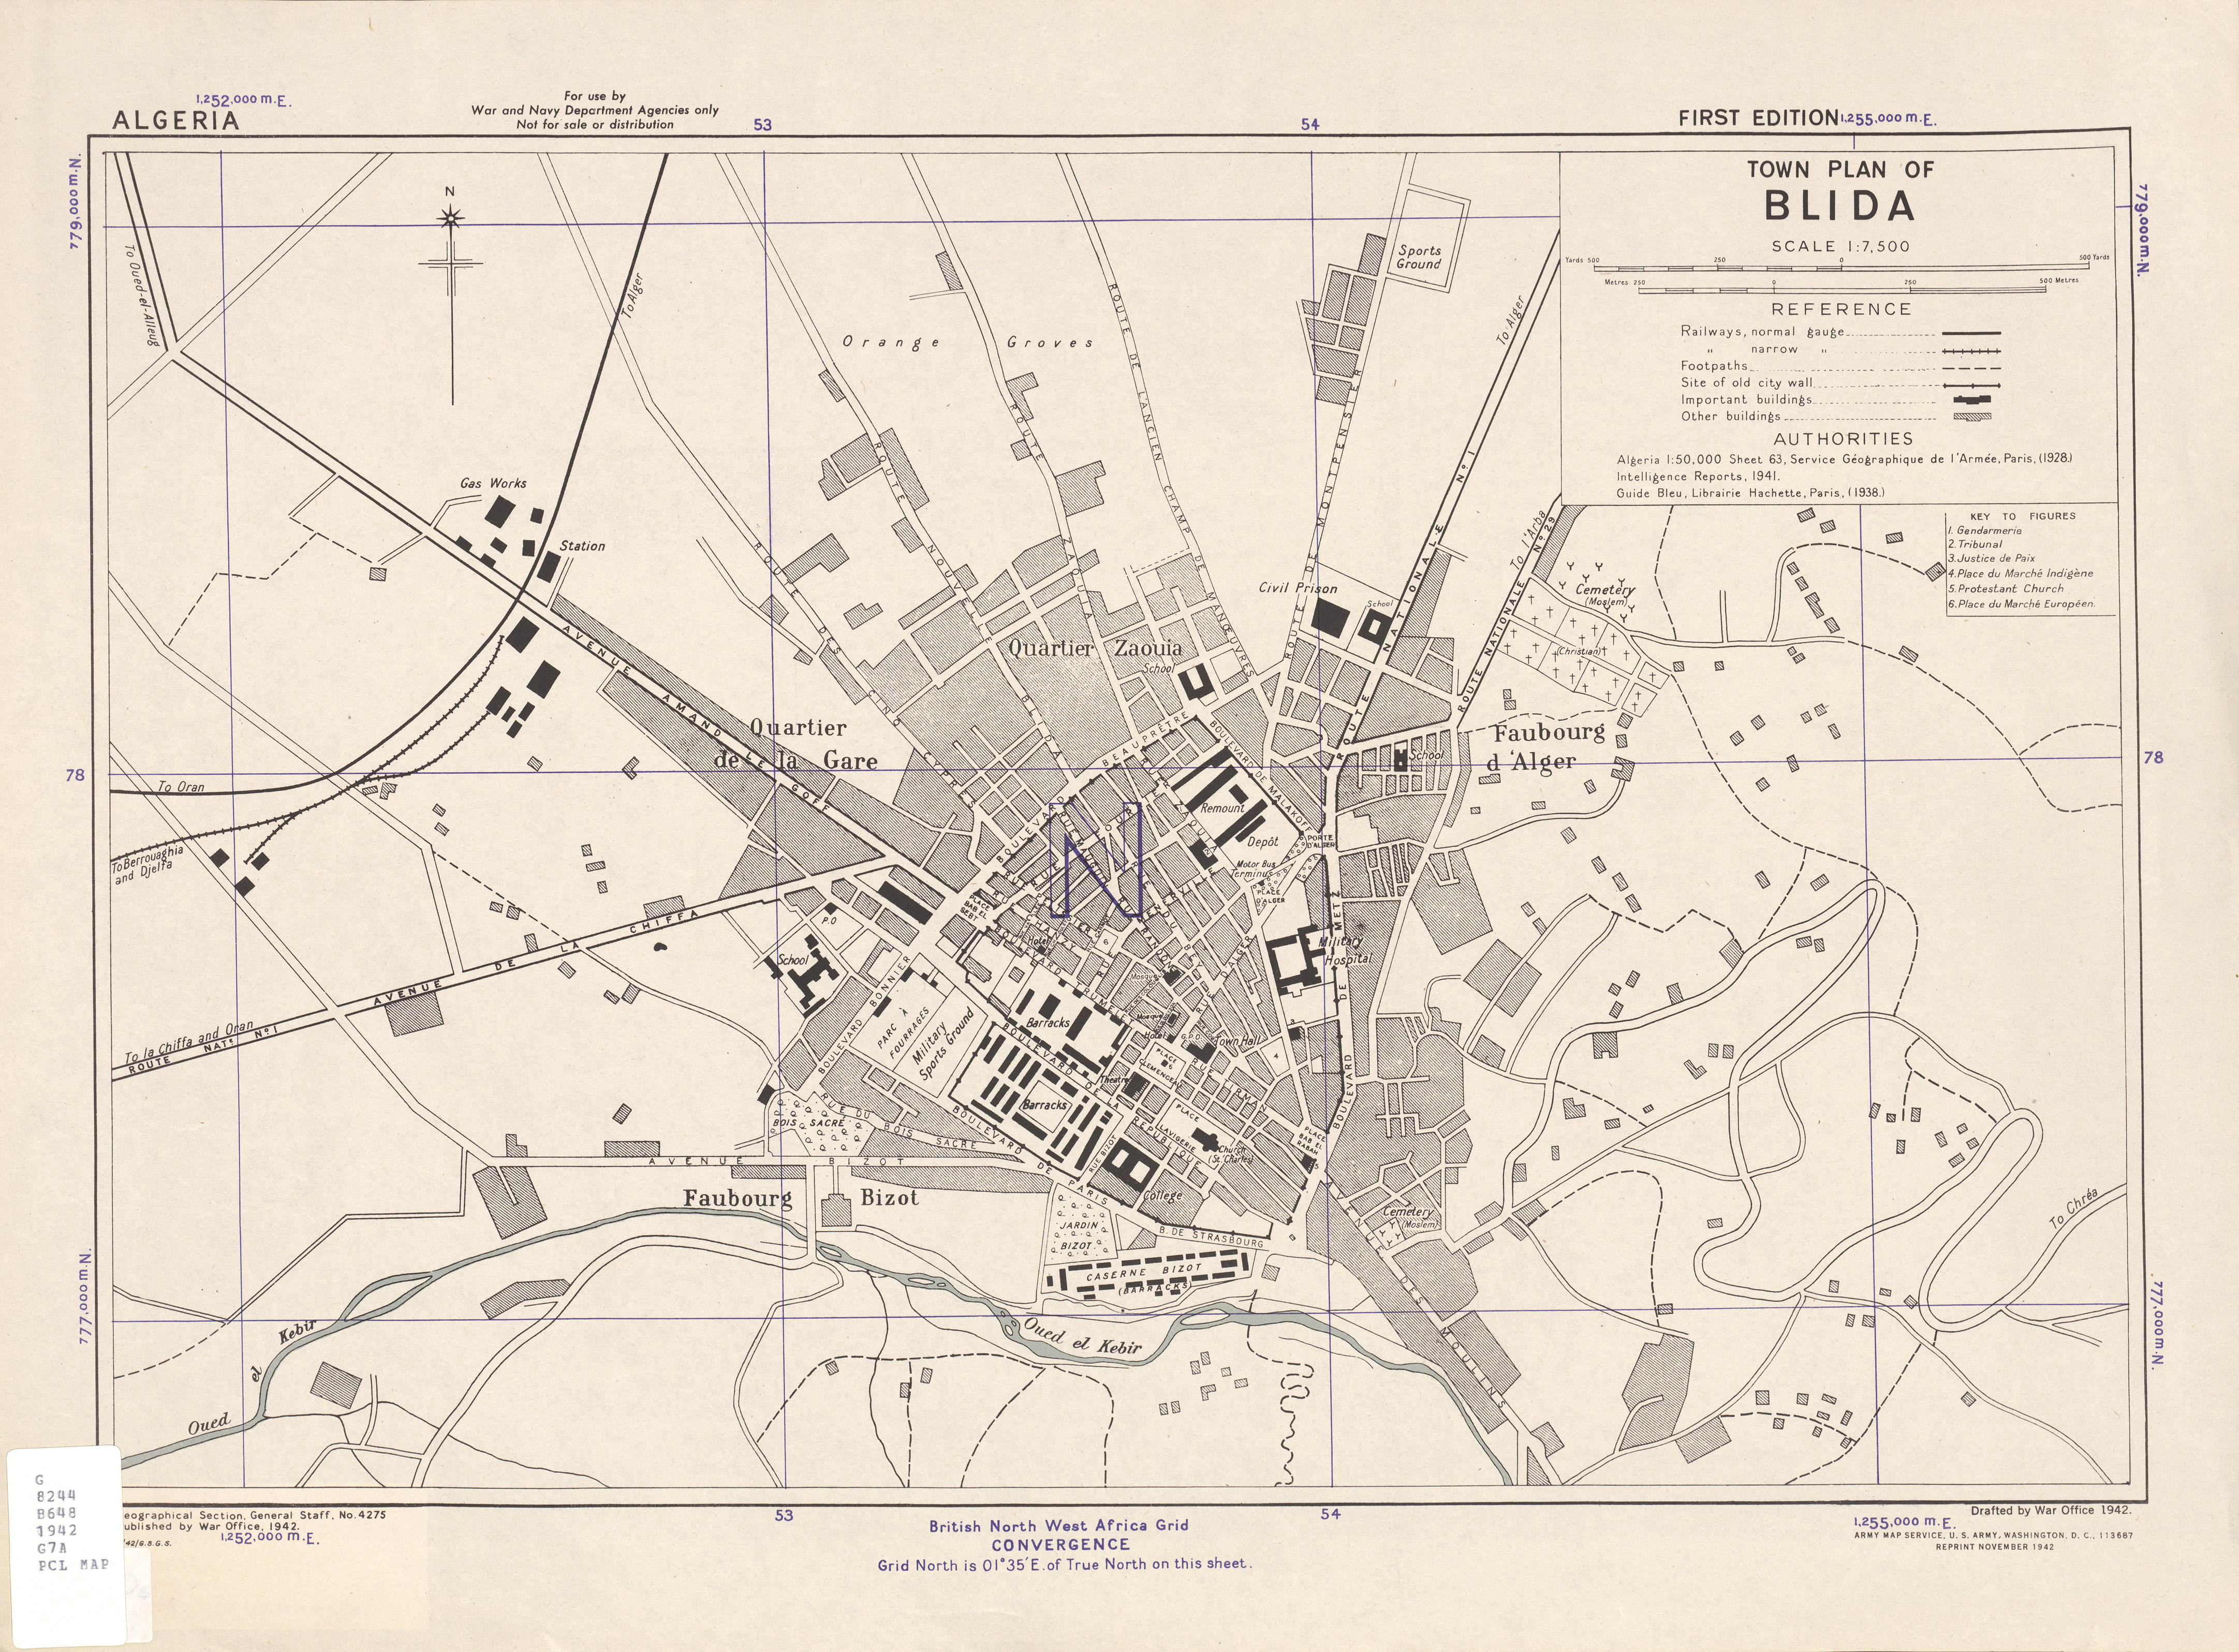 Mapa de la Ciudad de Blida, Argelia 1942